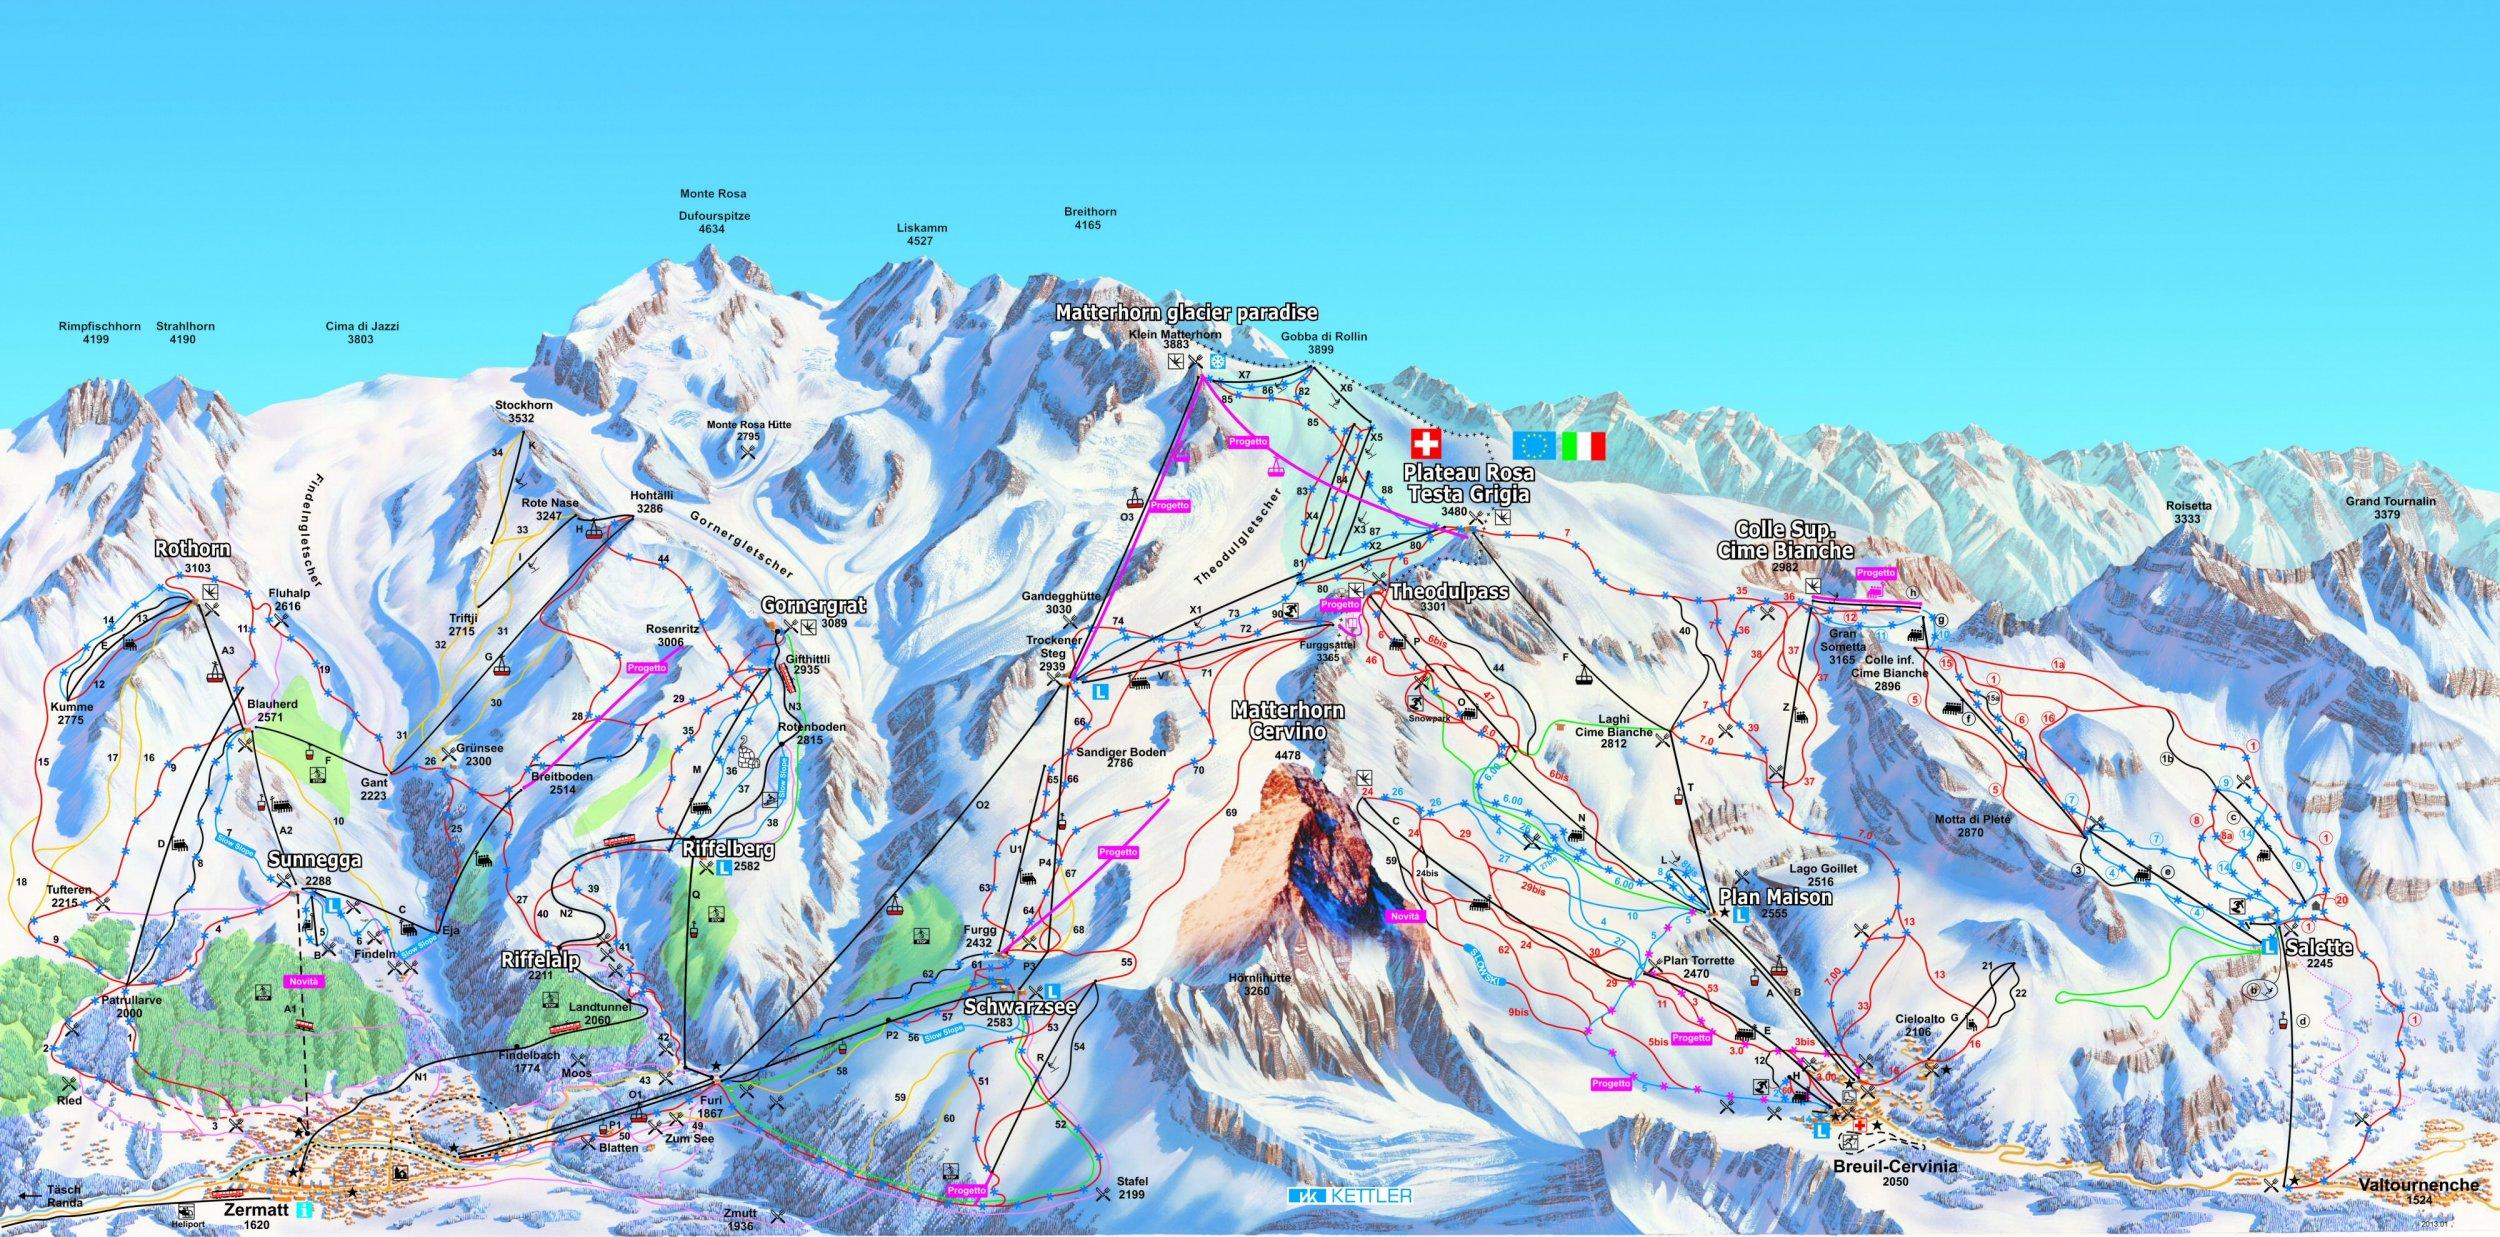 Cervinia/Zermatt